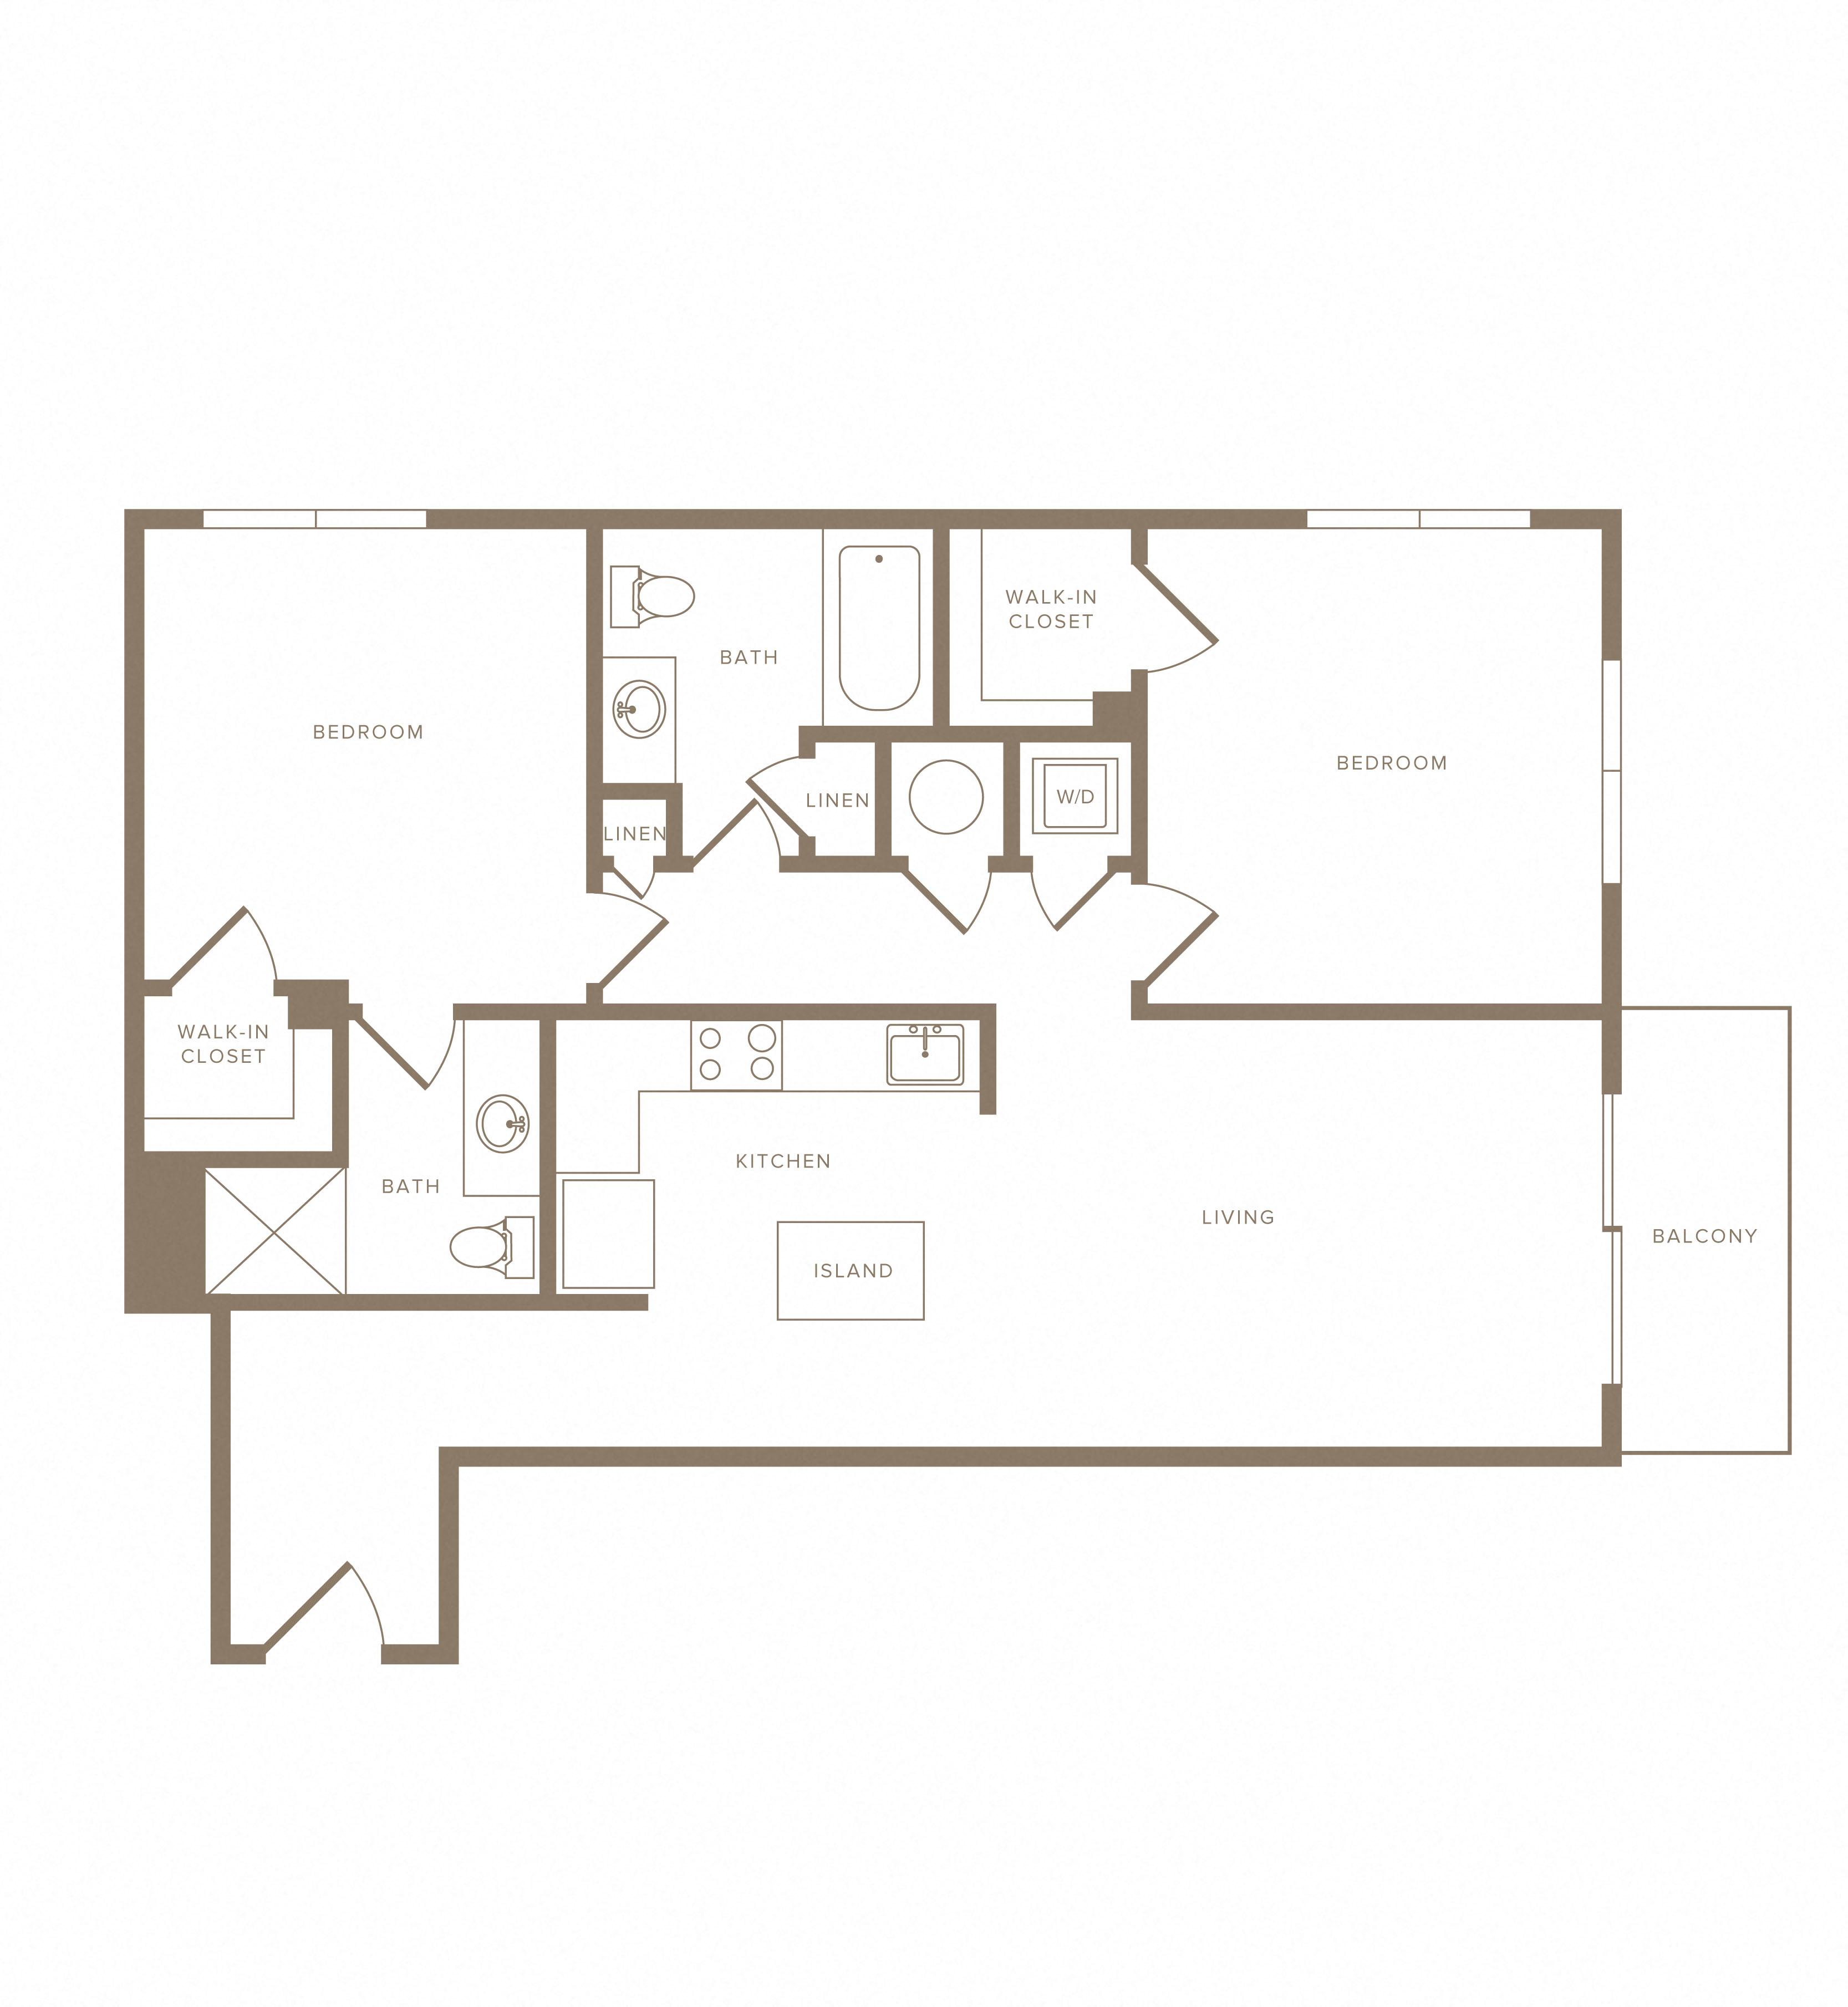 Apartment C-409 floorplan